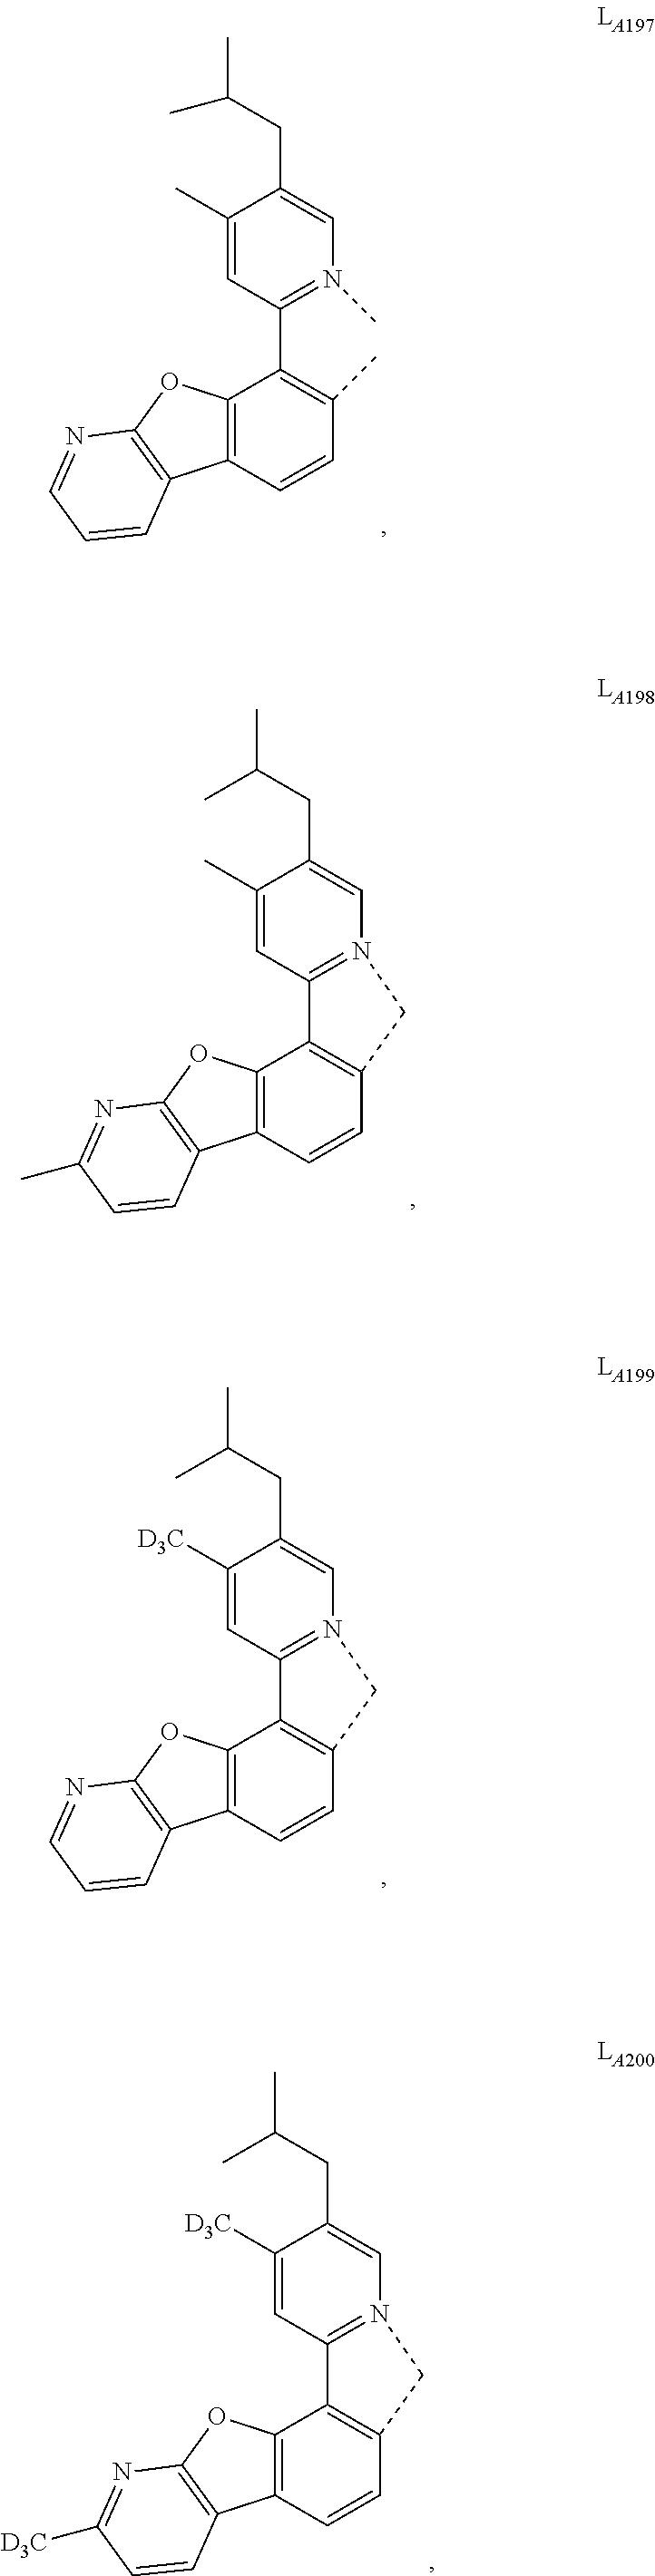 Figure US20160049599A1-20160218-C00054